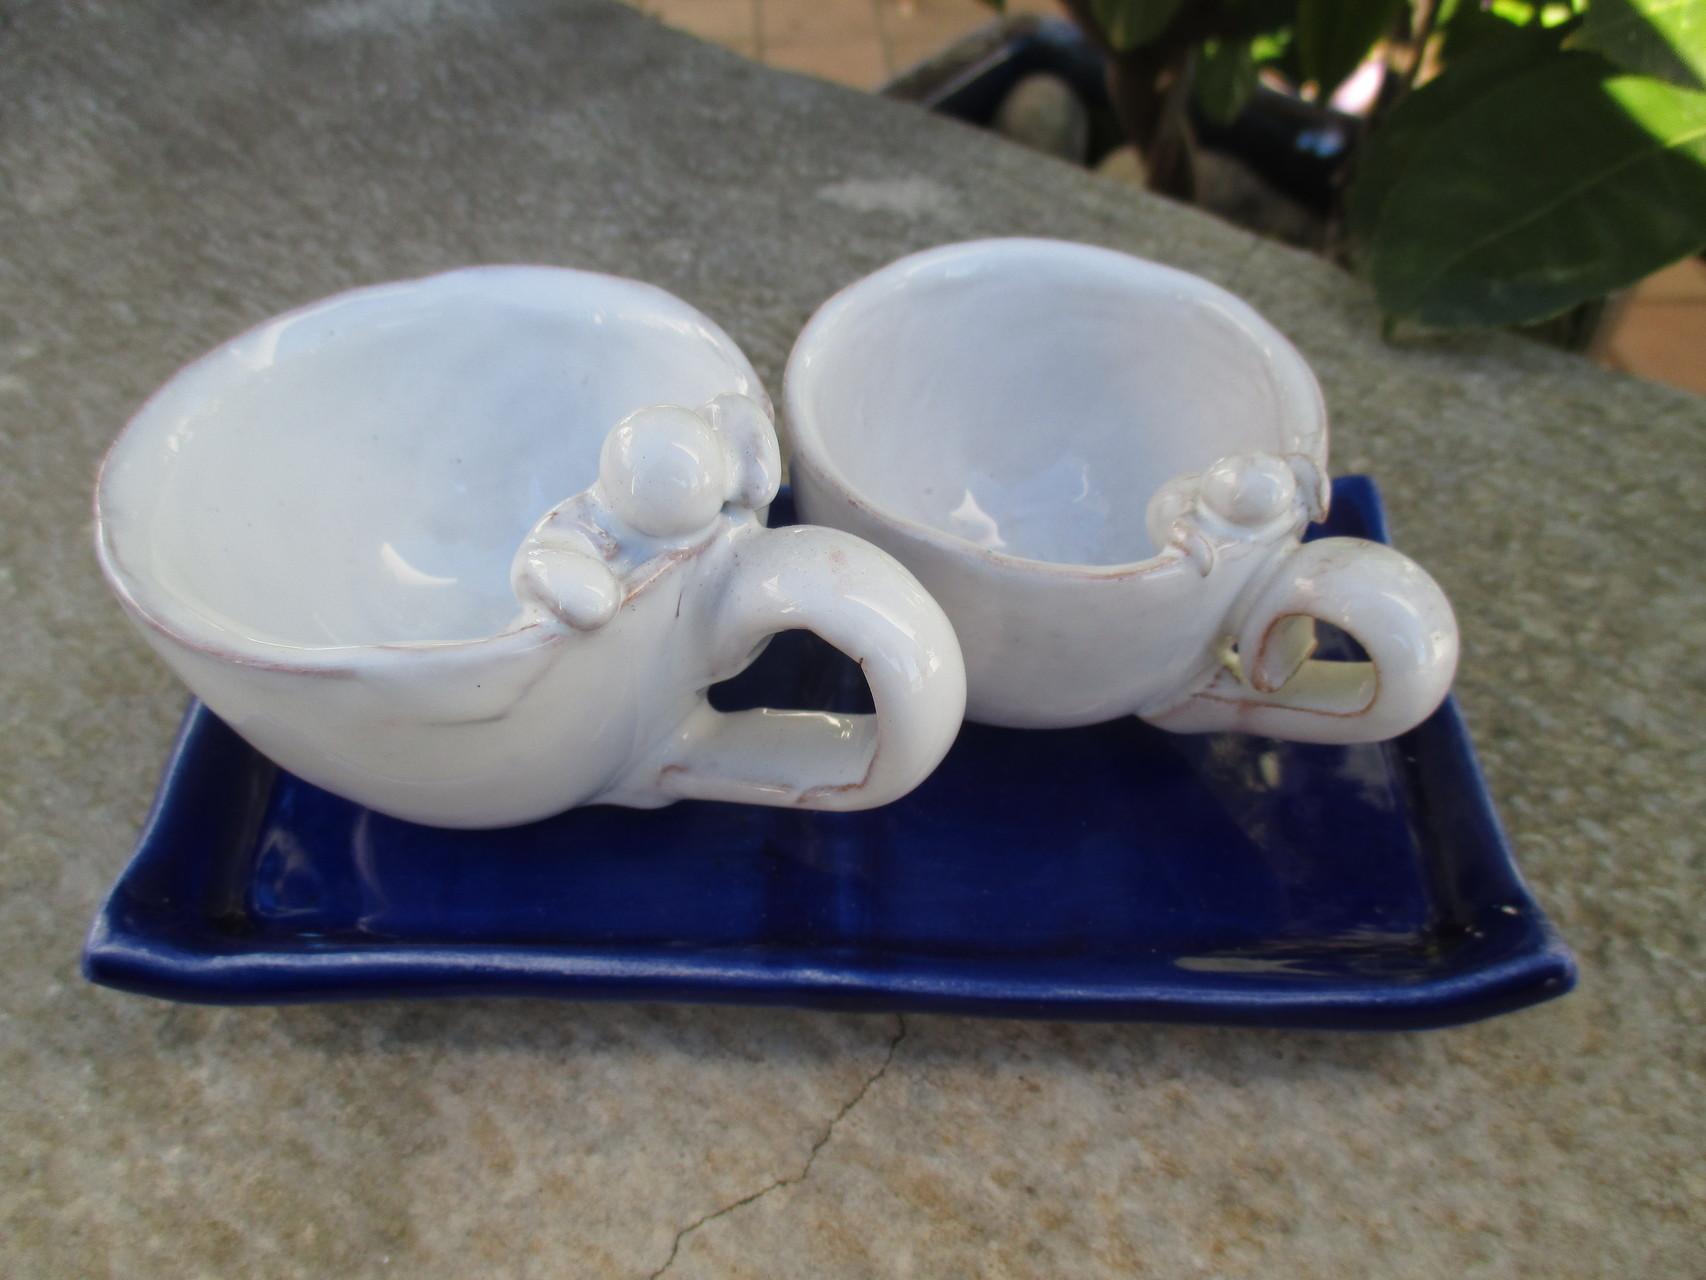 Tazzine con vassoio in ceramica, Le Terre di Rò